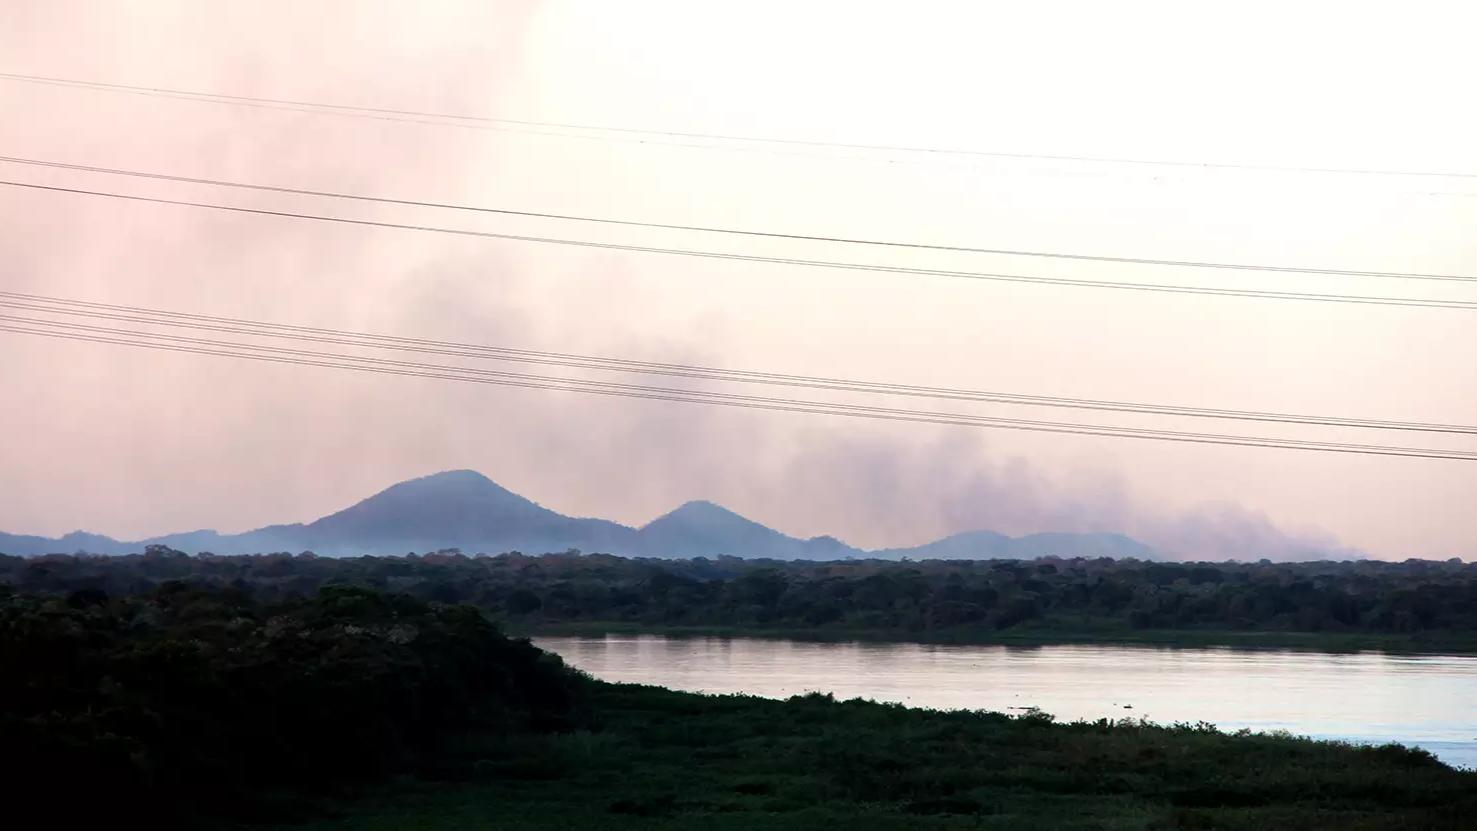 Fumaça do incêndio na Nhecolândia vista da ponte sobre o Rio Paraguai, na BR-262. (Foto: Sílvio de Andrade)